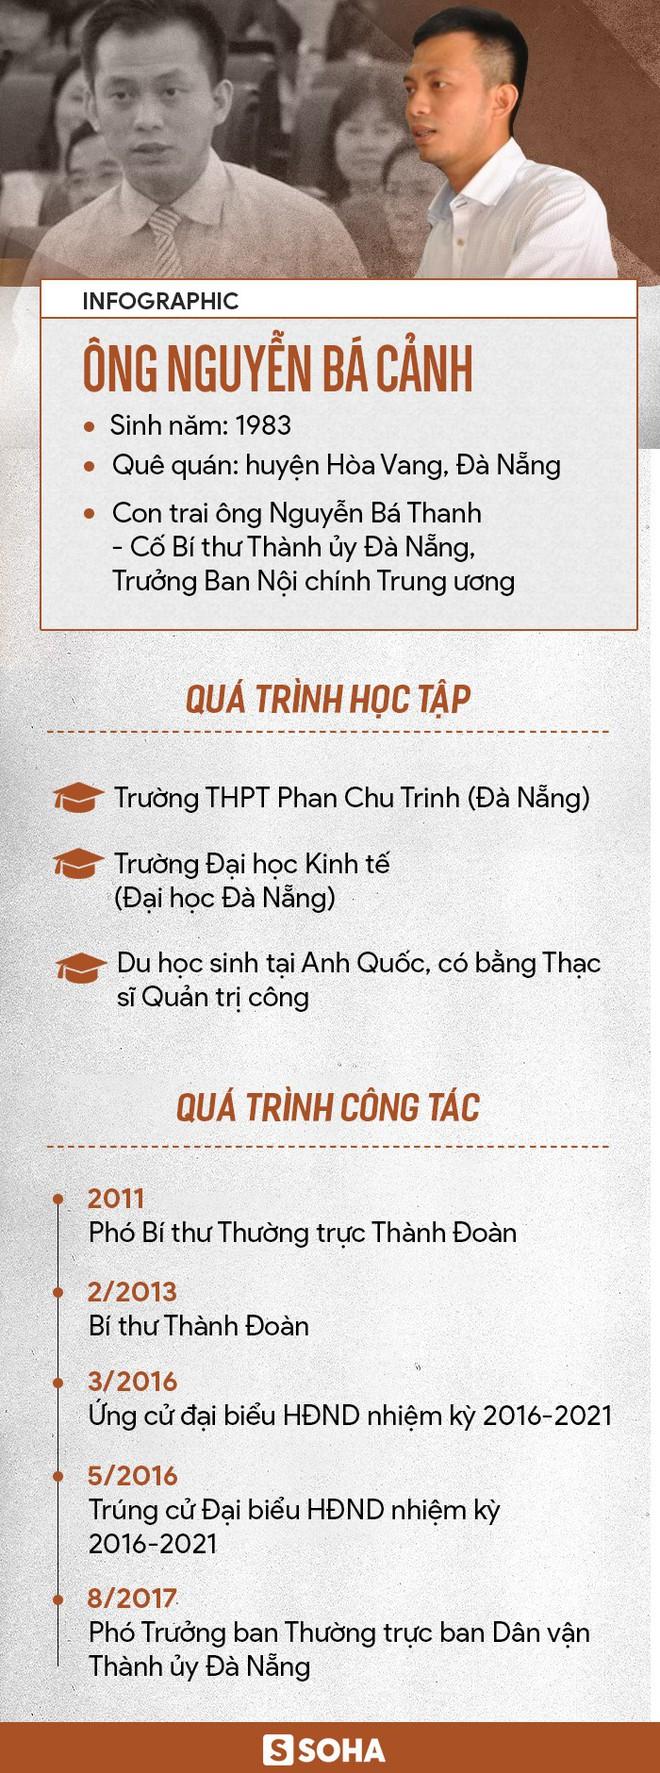 Chấp nhận đơn xin thôi làm đại biểu HĐND của ông Nguyễn Bá Cảnh - Ảnh 1.